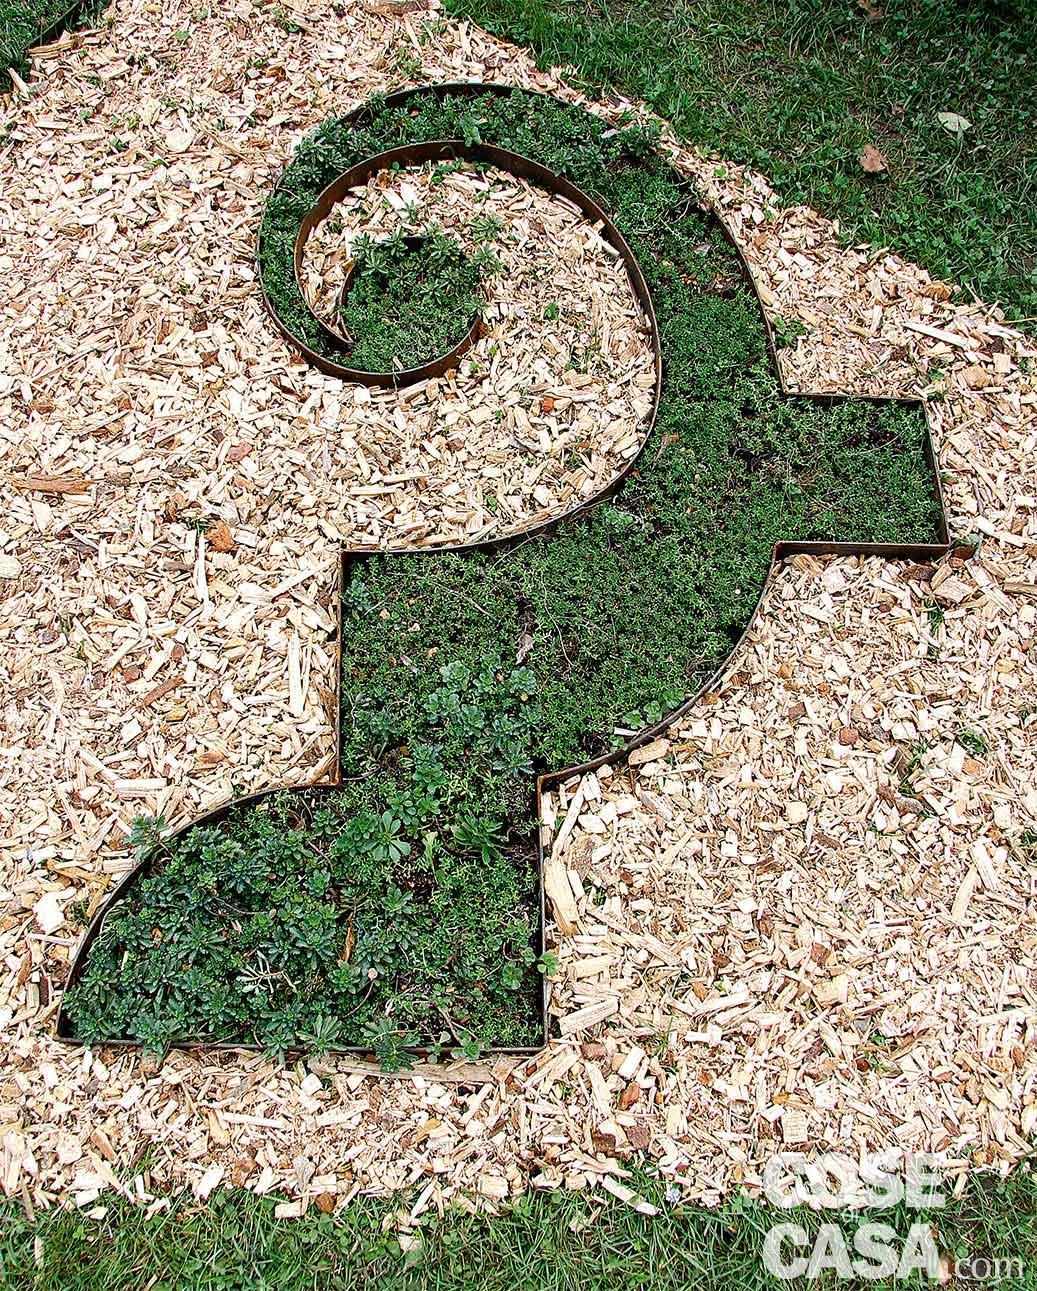 Famoso Idee da copiare per valorizzare il giardino - Cose di Casa FV72